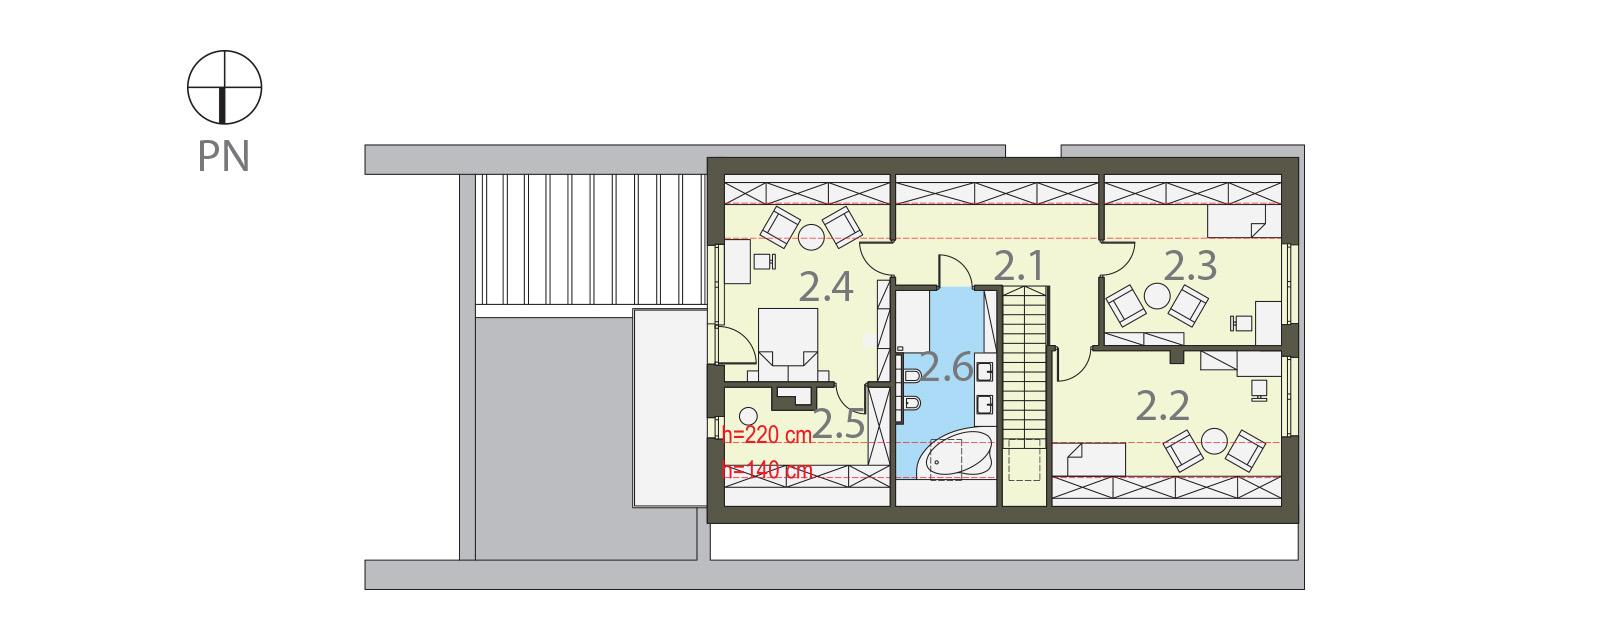 Projekt domu MAJA Domy Czystej Energii rzut piętra